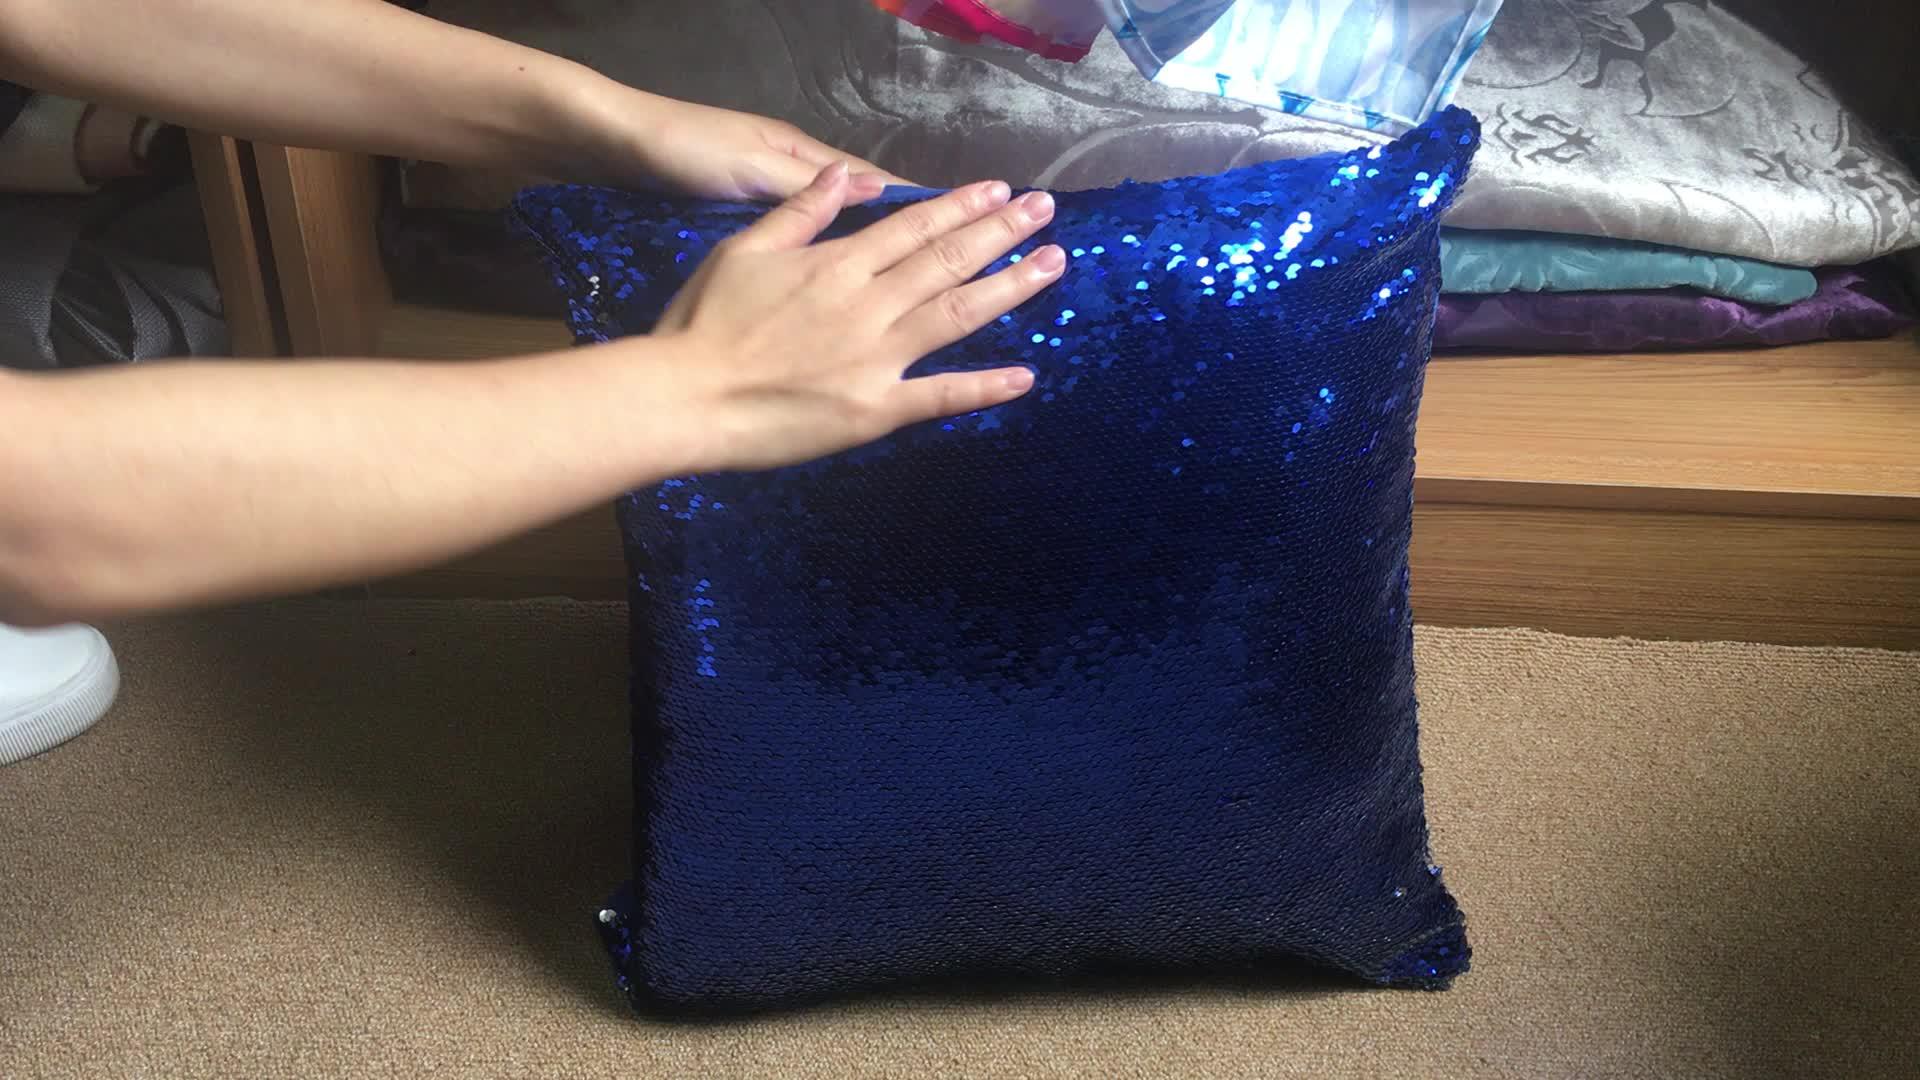 Impressão Por Sublimação de Tecido lantejoulas 100% da Camurça do Poliéster/Tecido de Cetim Sereia Mágica caso Paetês Travesseiro